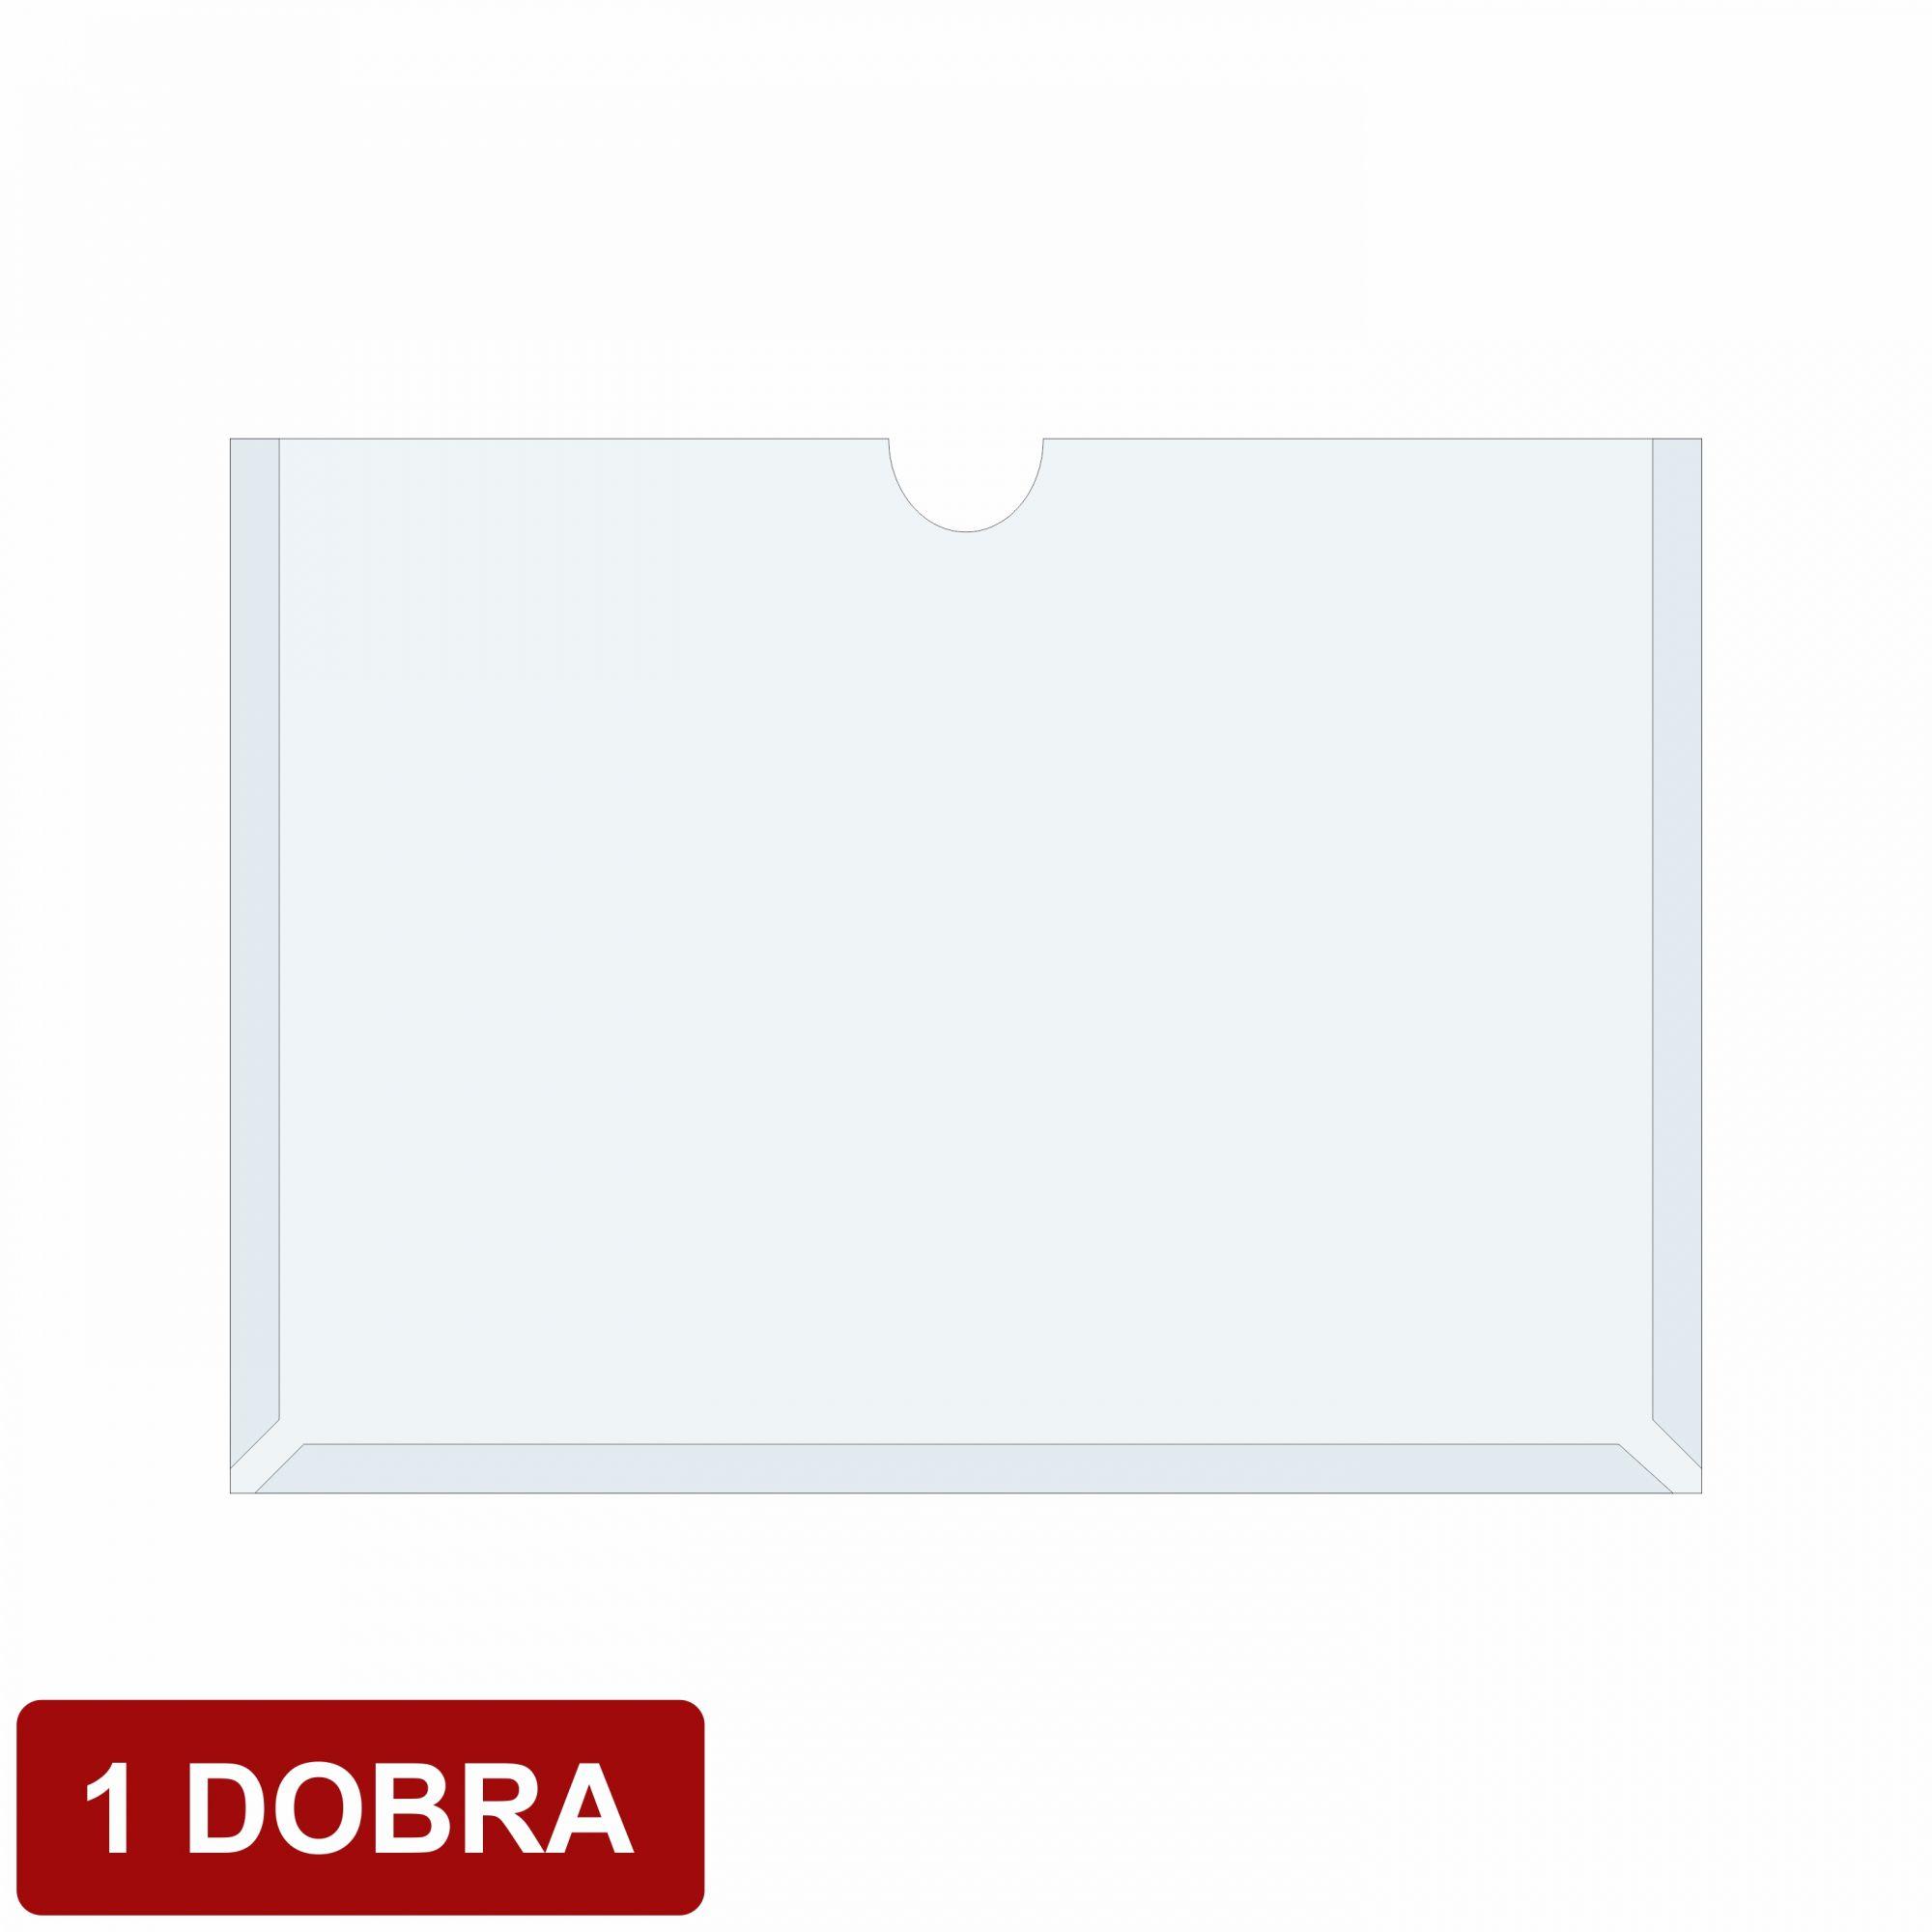 Porta folha em acetato 1 dobra  - Towbar Sinalização de Segurança